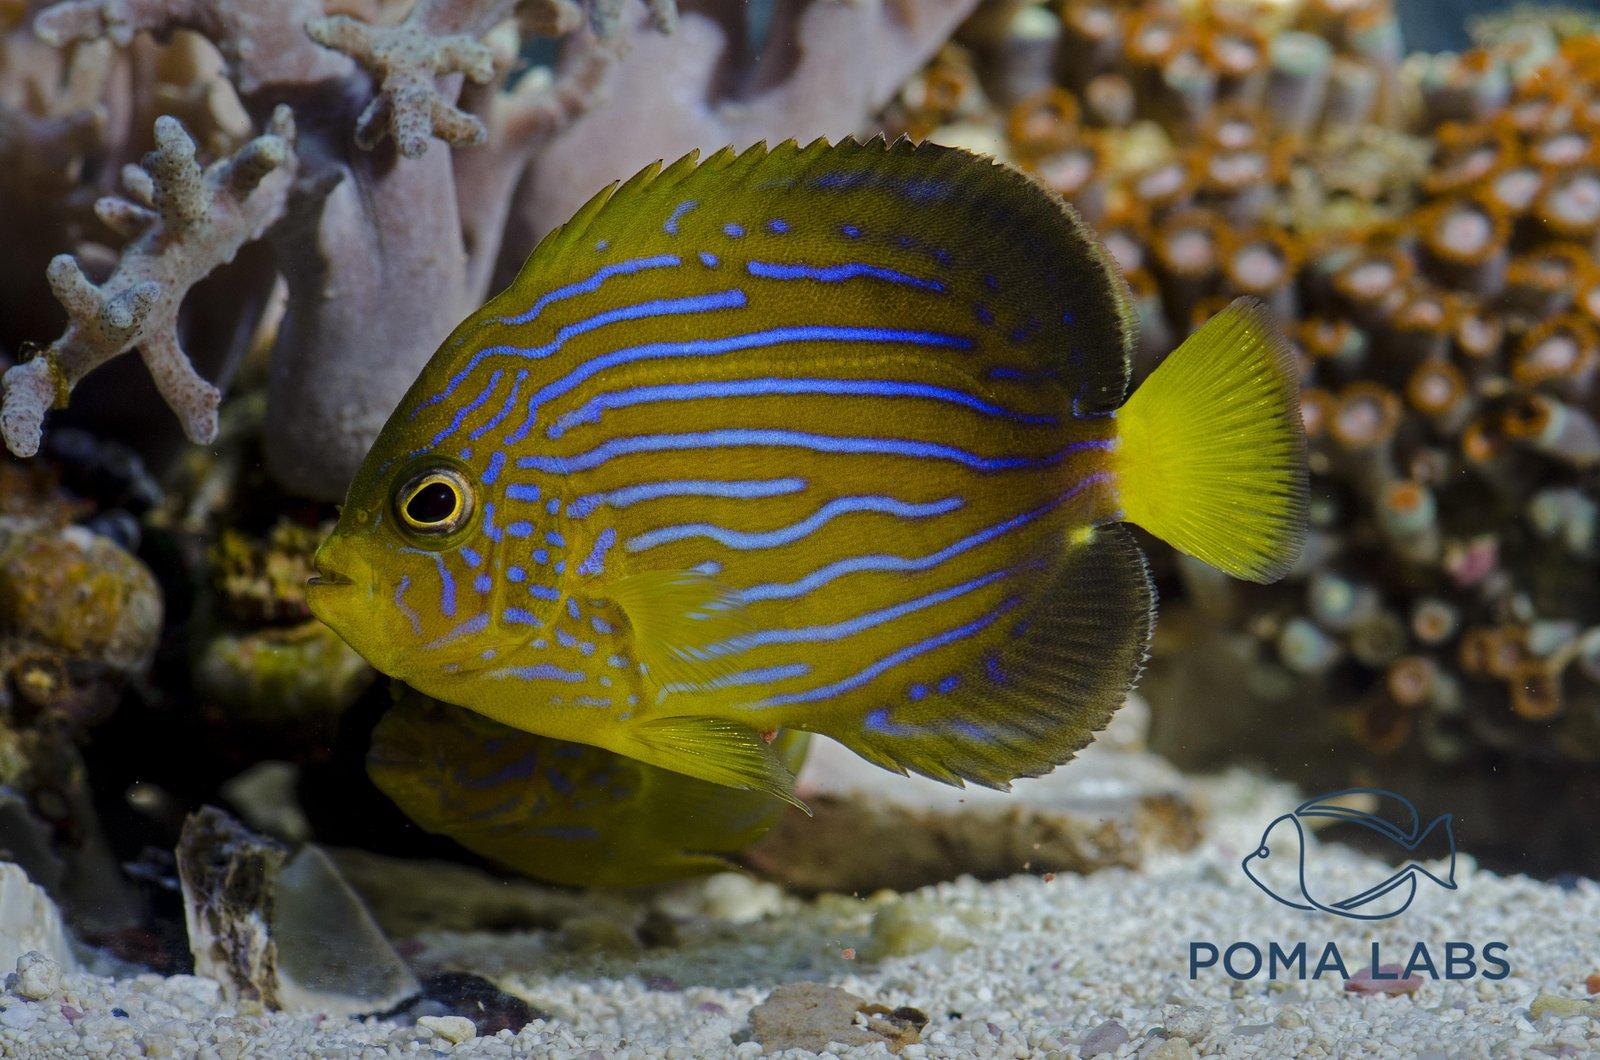 Macna 2017 Poma Labs Captive Bred Angelfish Reefs Com